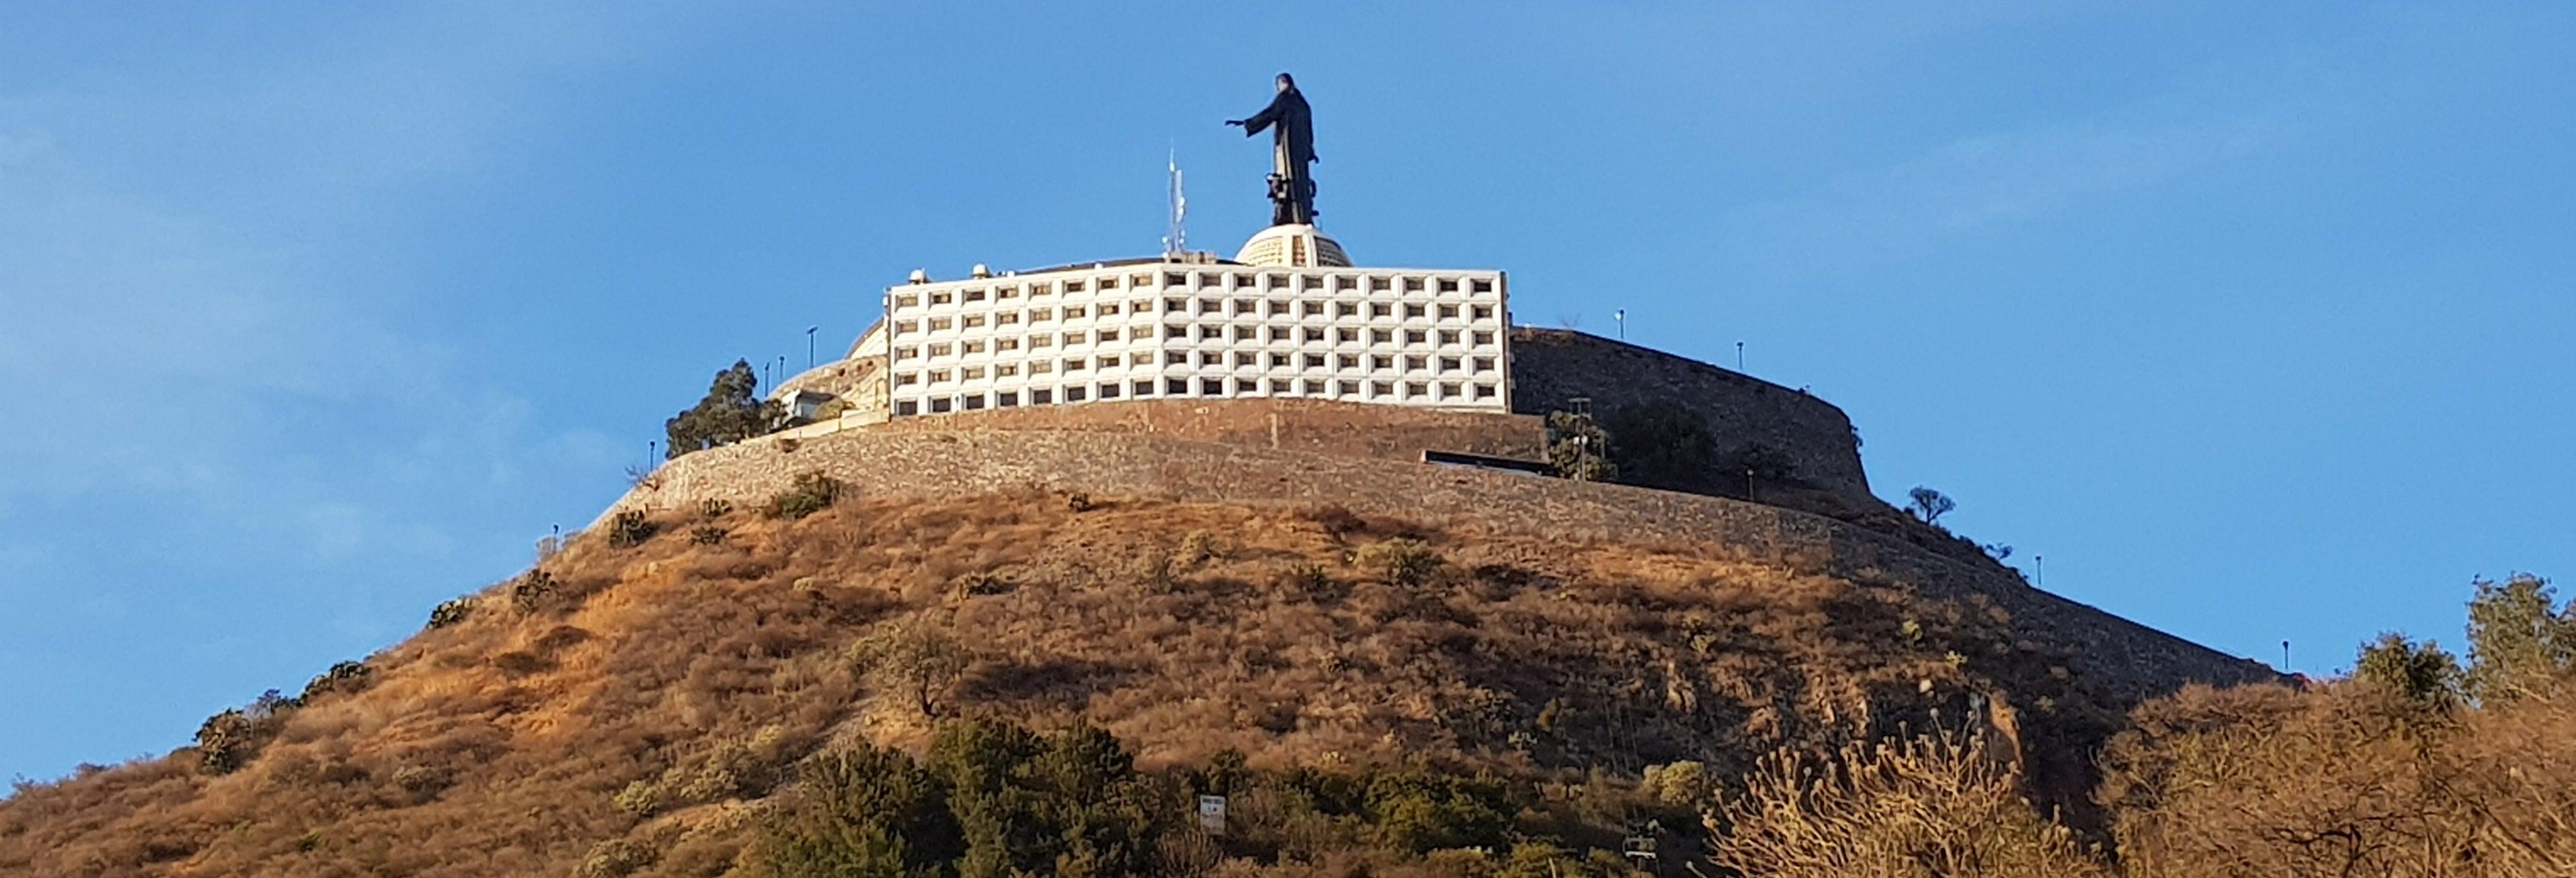 Excursión al cerro del Cubilete y monumento a Cristo Rey desde Guanajuato